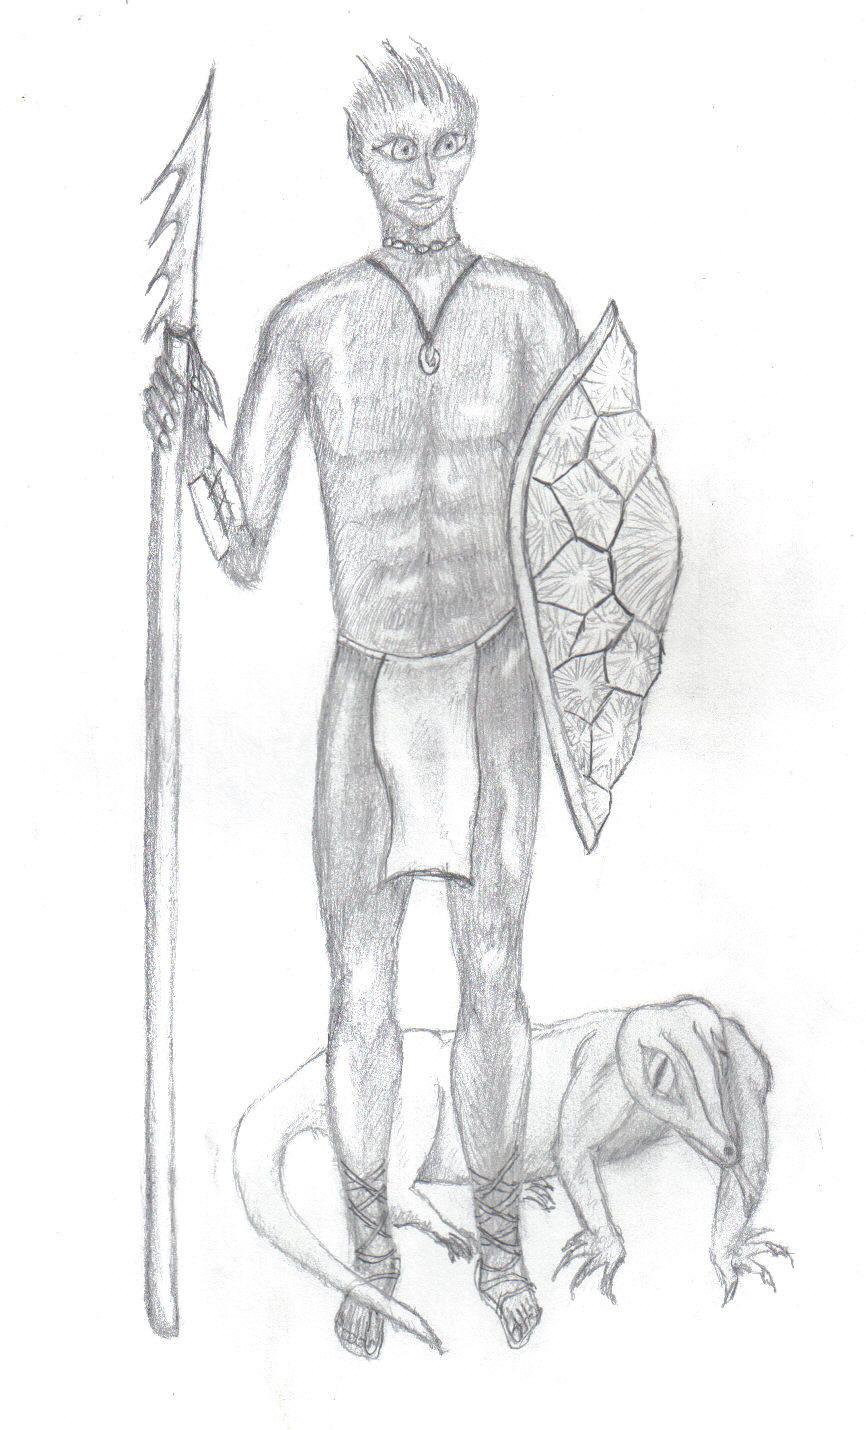 Maraket druid